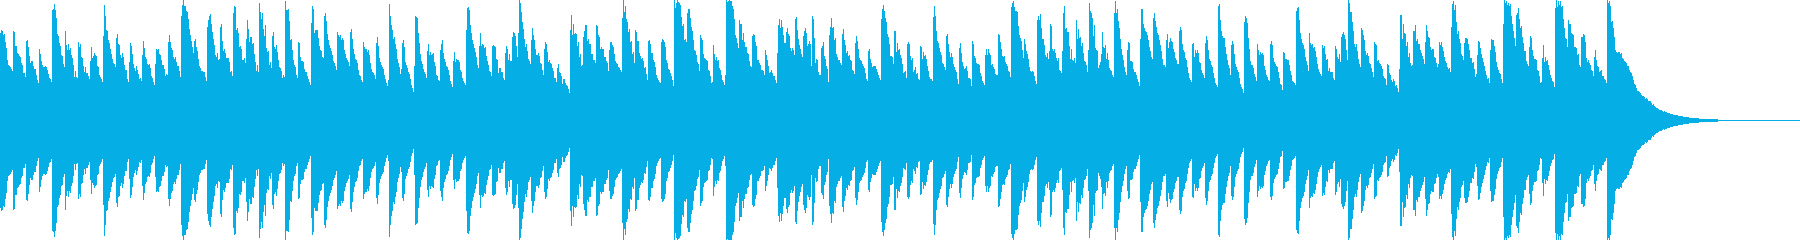 ベートーベン「悲愴」のオルゴールの再生済みの波形